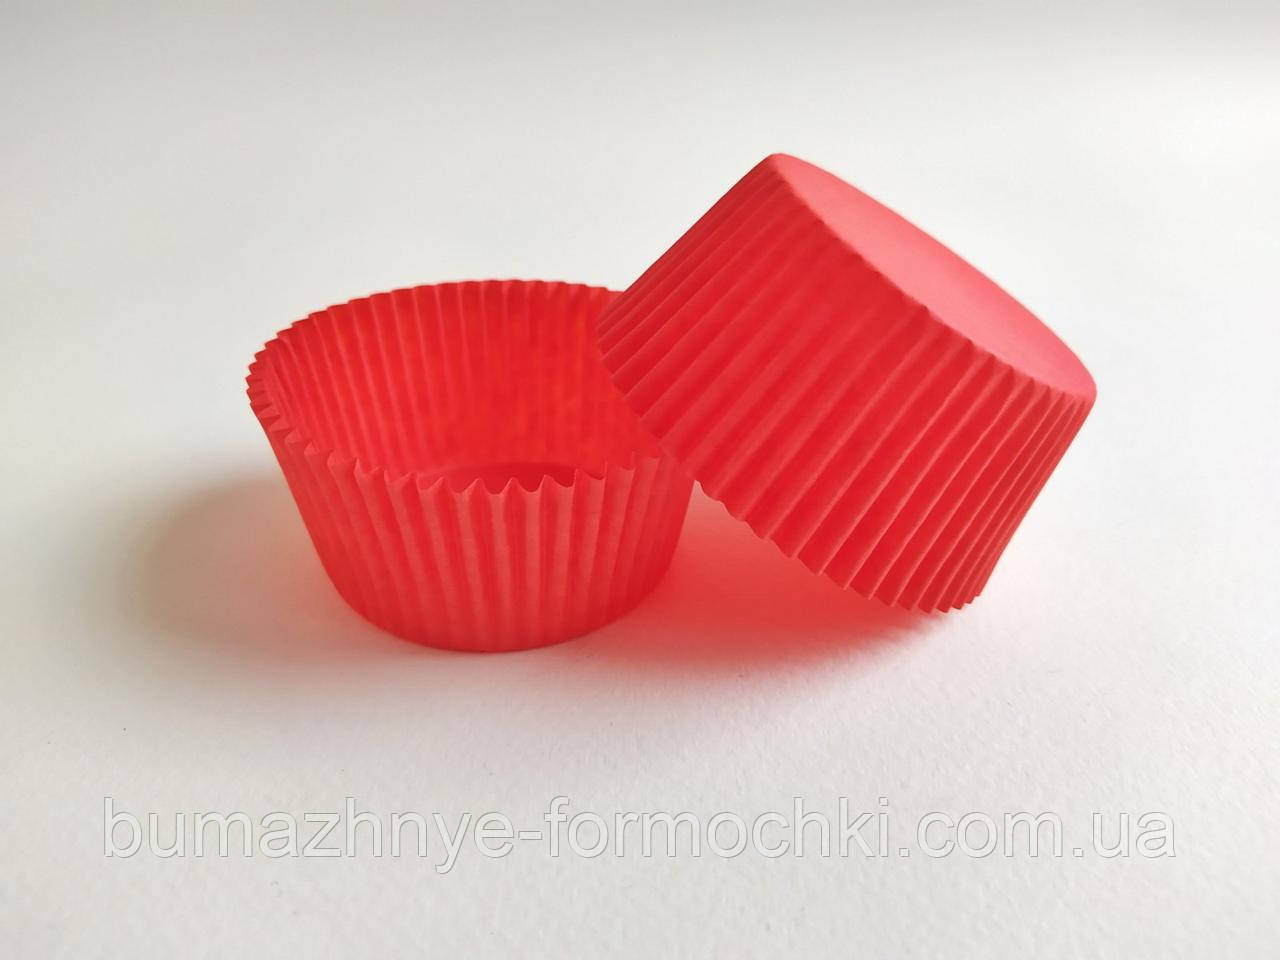 Бумажная формочка для кексов, красный, 55*42.5 мм